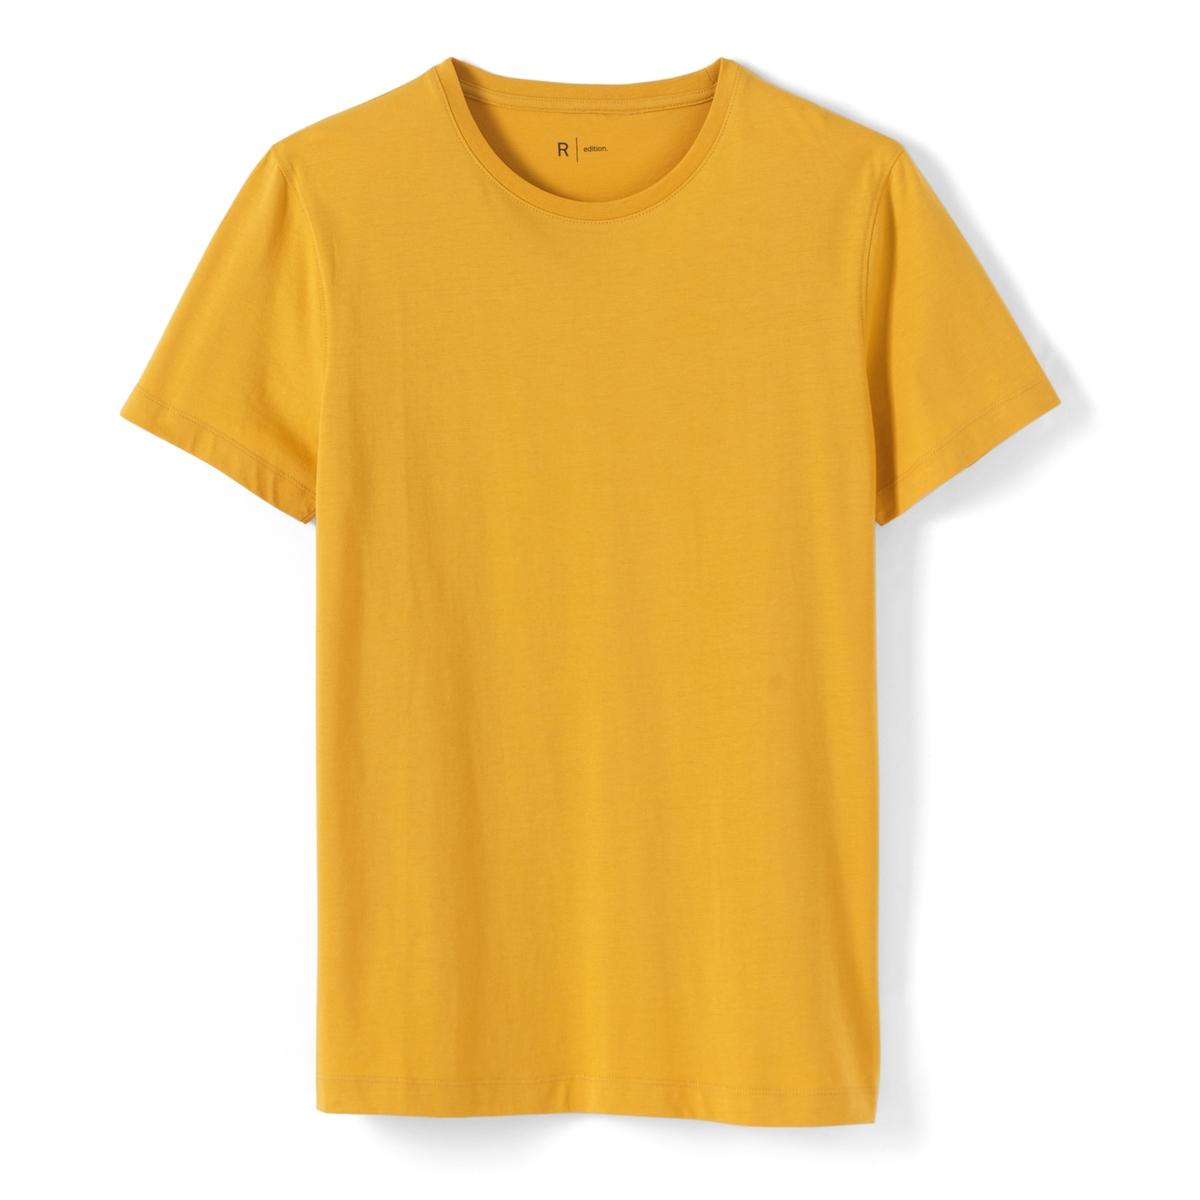 Футболка хлопковая  с круглым вырезомДетали •  Короткие рукава •  Круглый вырезСостав и уход •  100% хлопок •  Машинная стирка при 40° •  Сухая чистка и отбеливание запрещены •  Барабанная сушка при умеренном режиме •  Гладить при средней температуре<br><br>Цвет: желтый,зеленый<br>Размер: S.XS